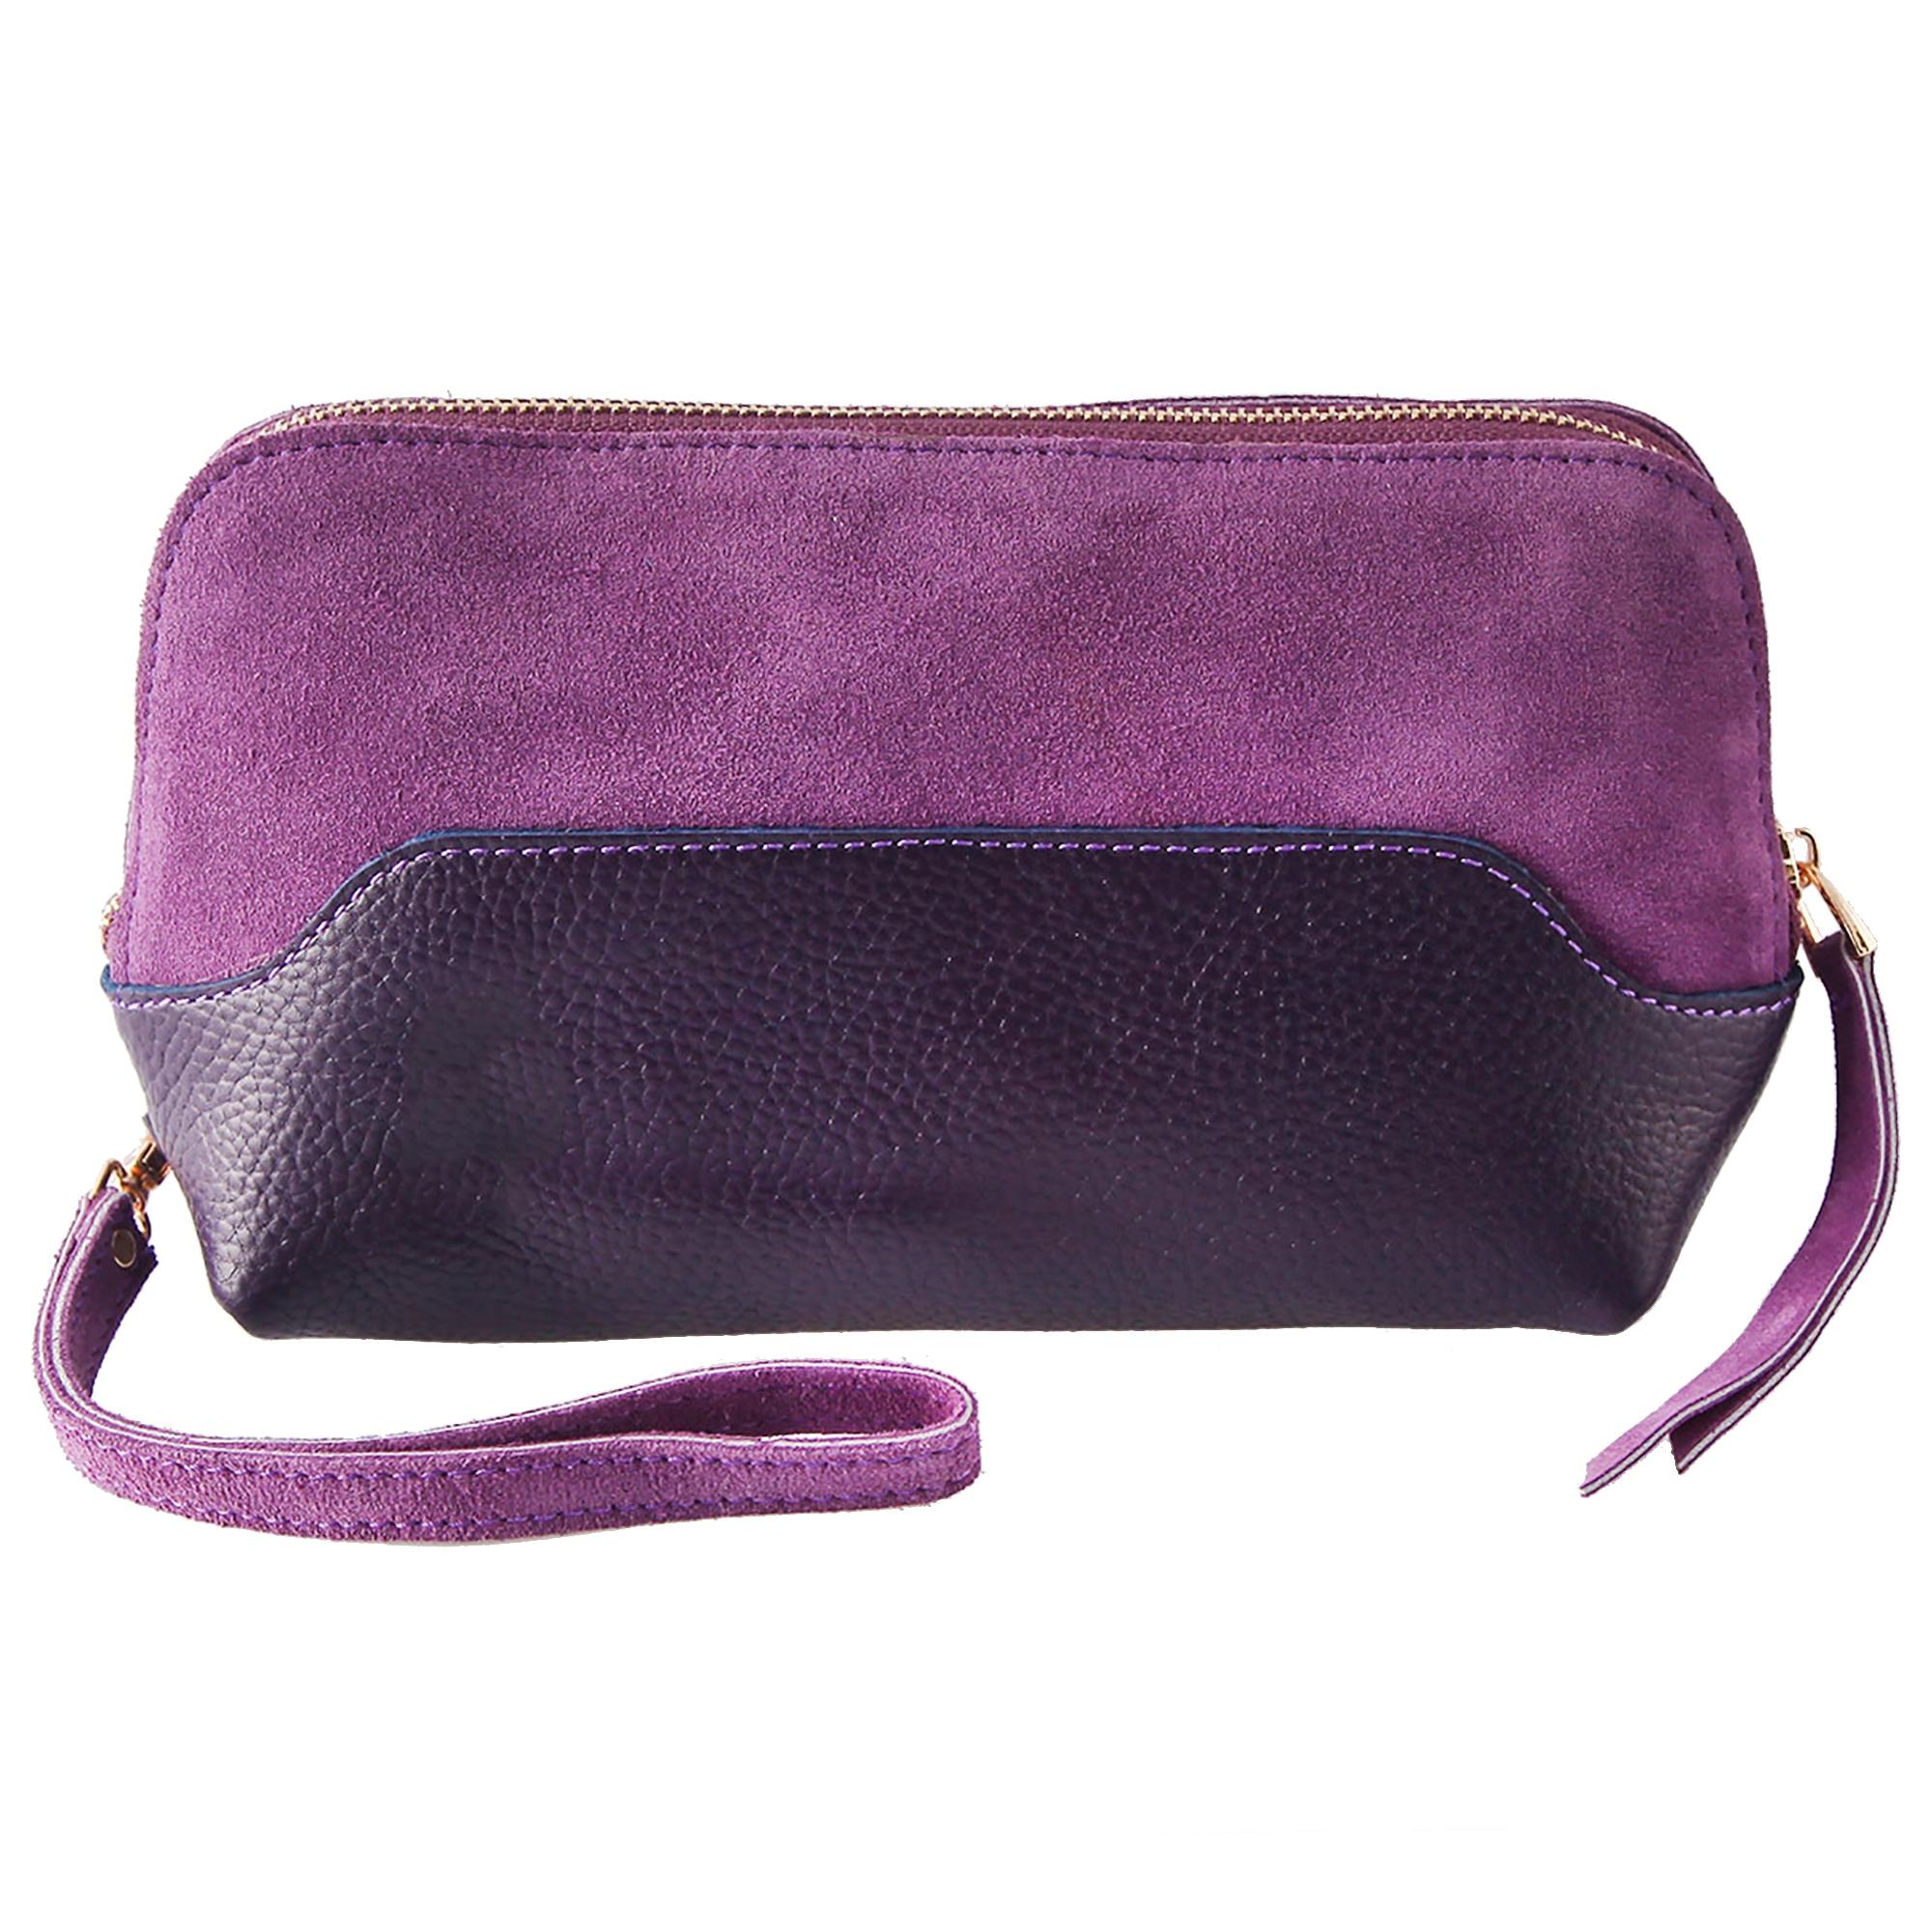 کیف دستی زنانه کفشدوزک کد 160092 سایز M